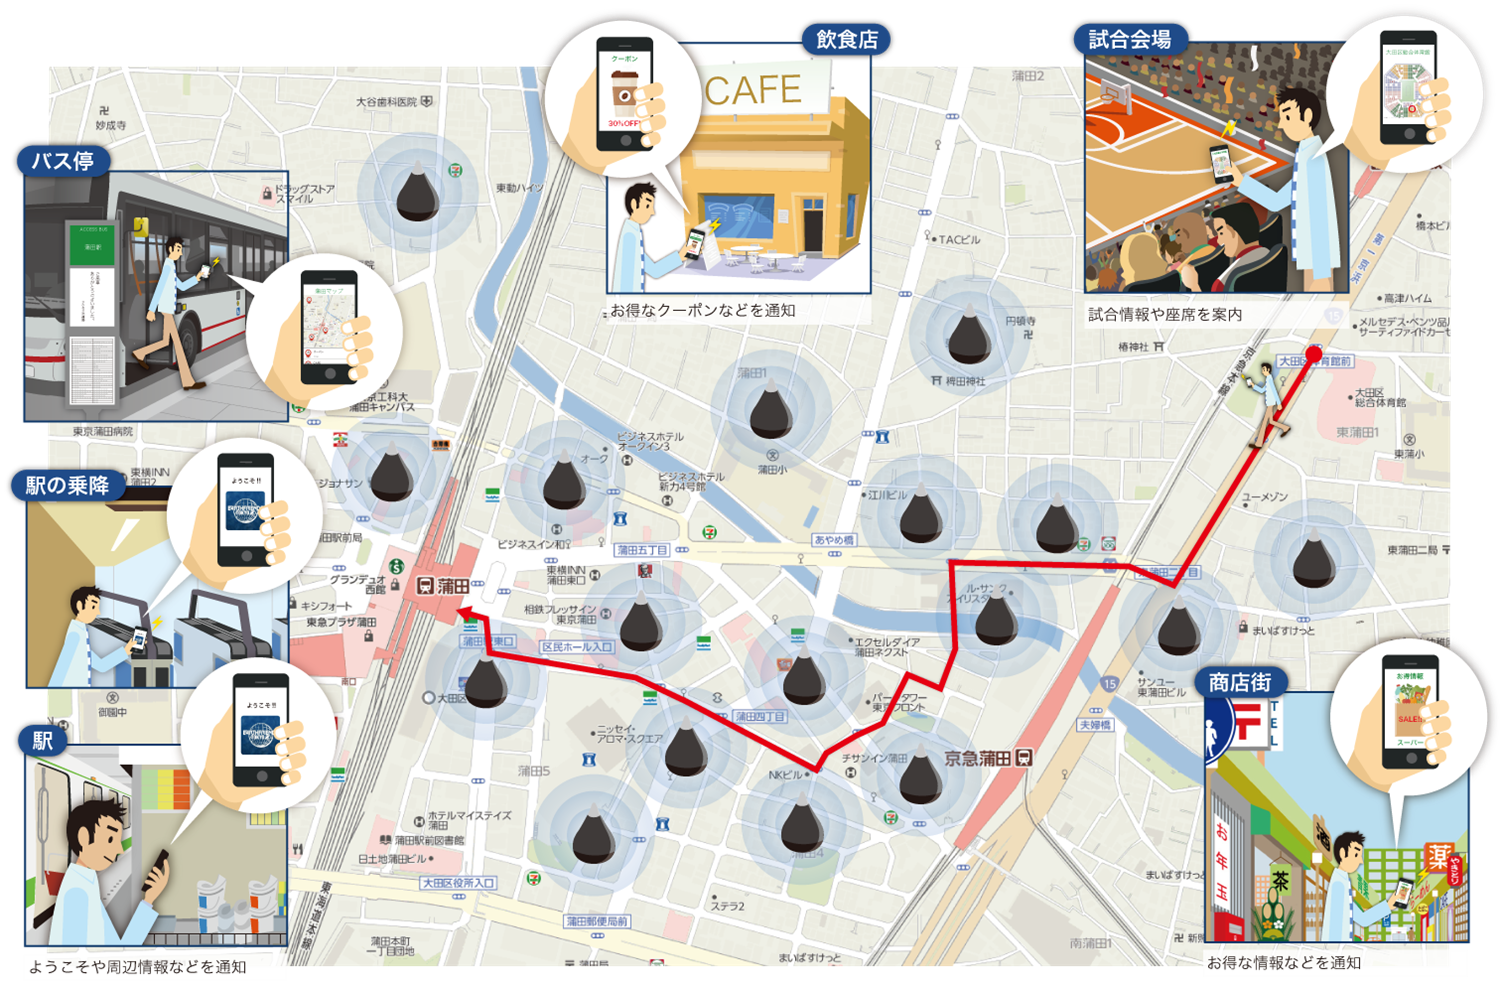 ビーコンを使用した球場までの道案内の図